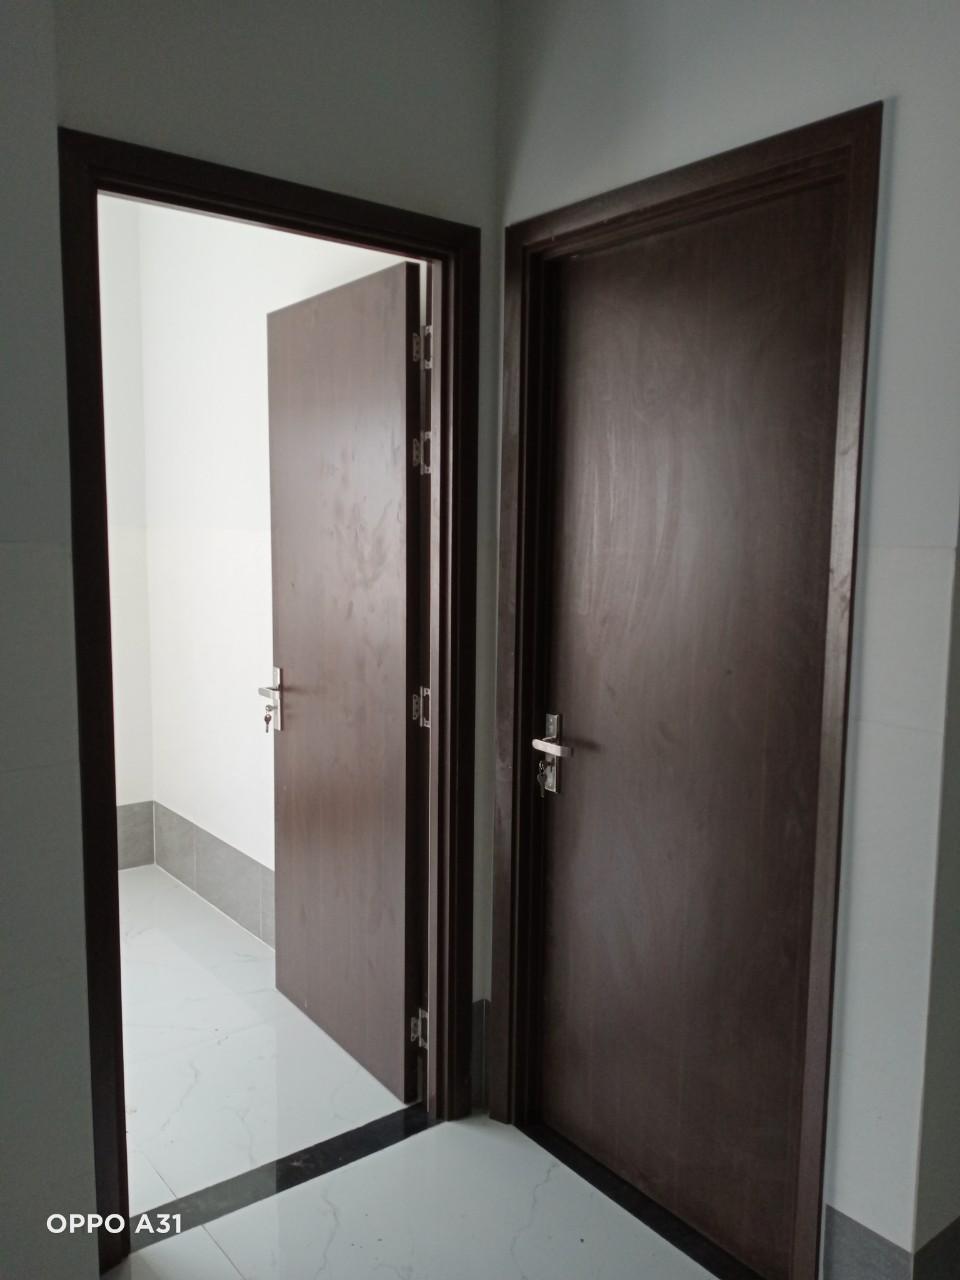 Lắp đặt cửa gỗ công nghiệp tại 967 ĐẶNG THÚC VỊNH, ẤP 1, XÃ ĐÔNG THẠNH, HUYỆN HÓC MÔN